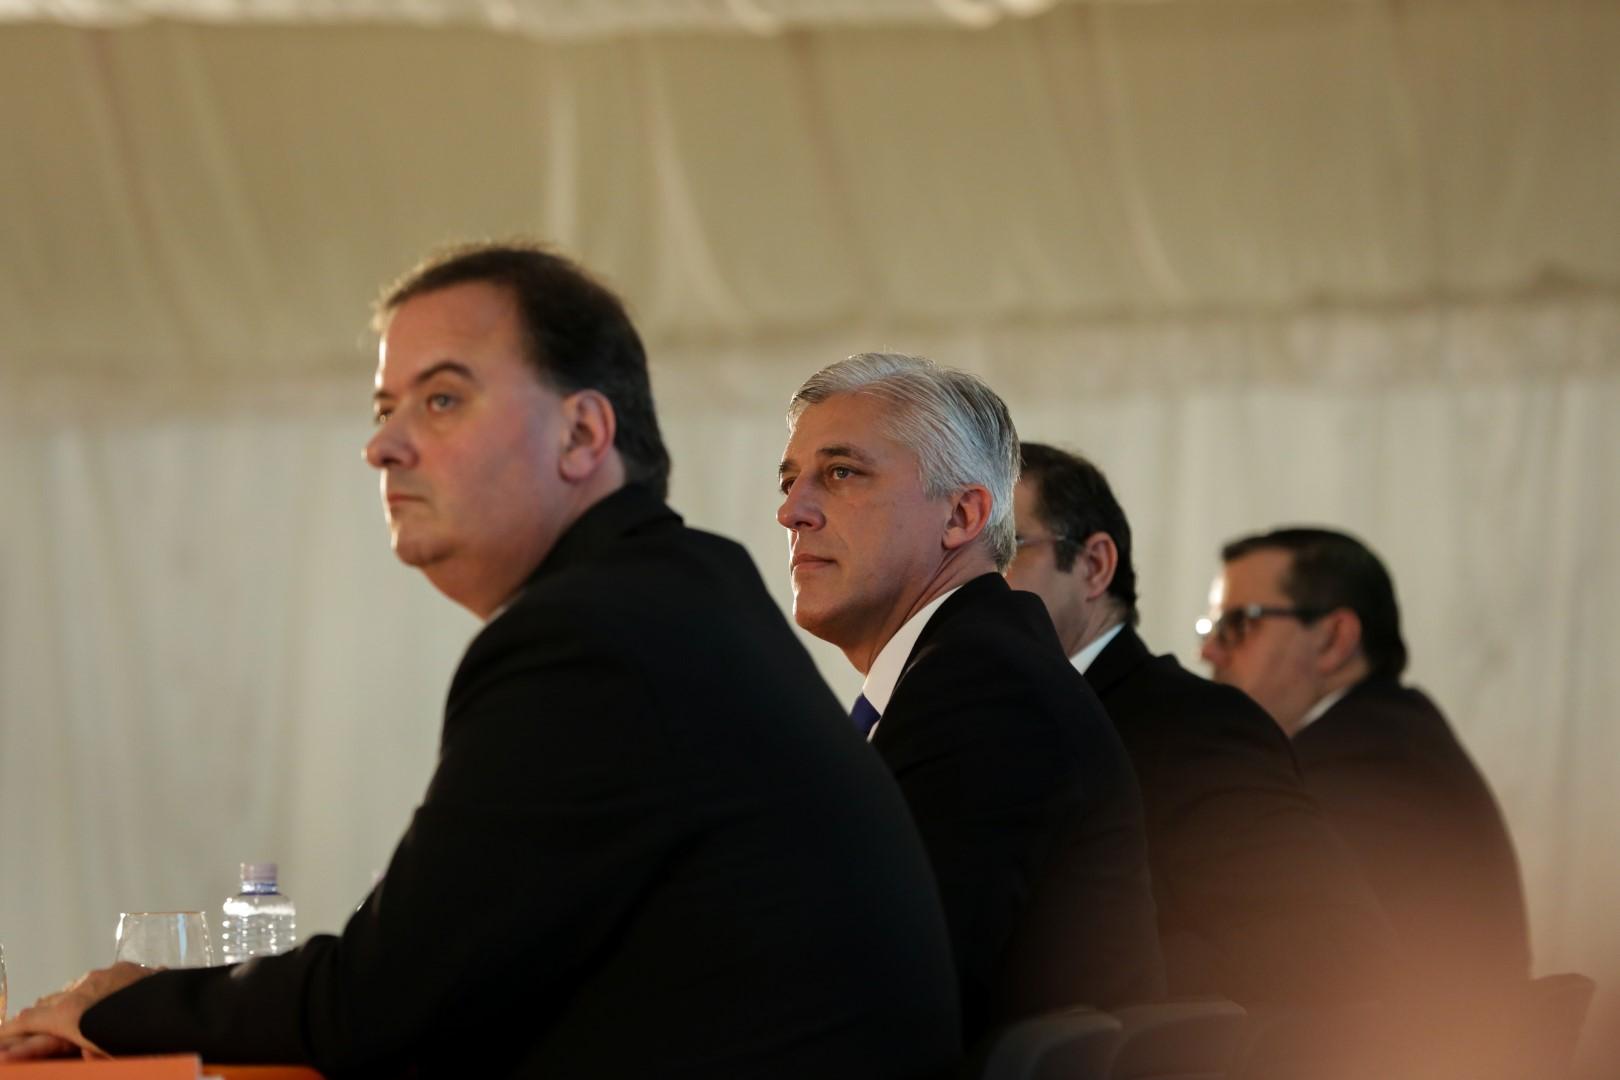 PSD/Açores vai apresentar proposta para baixar o IVA (c/áudio)